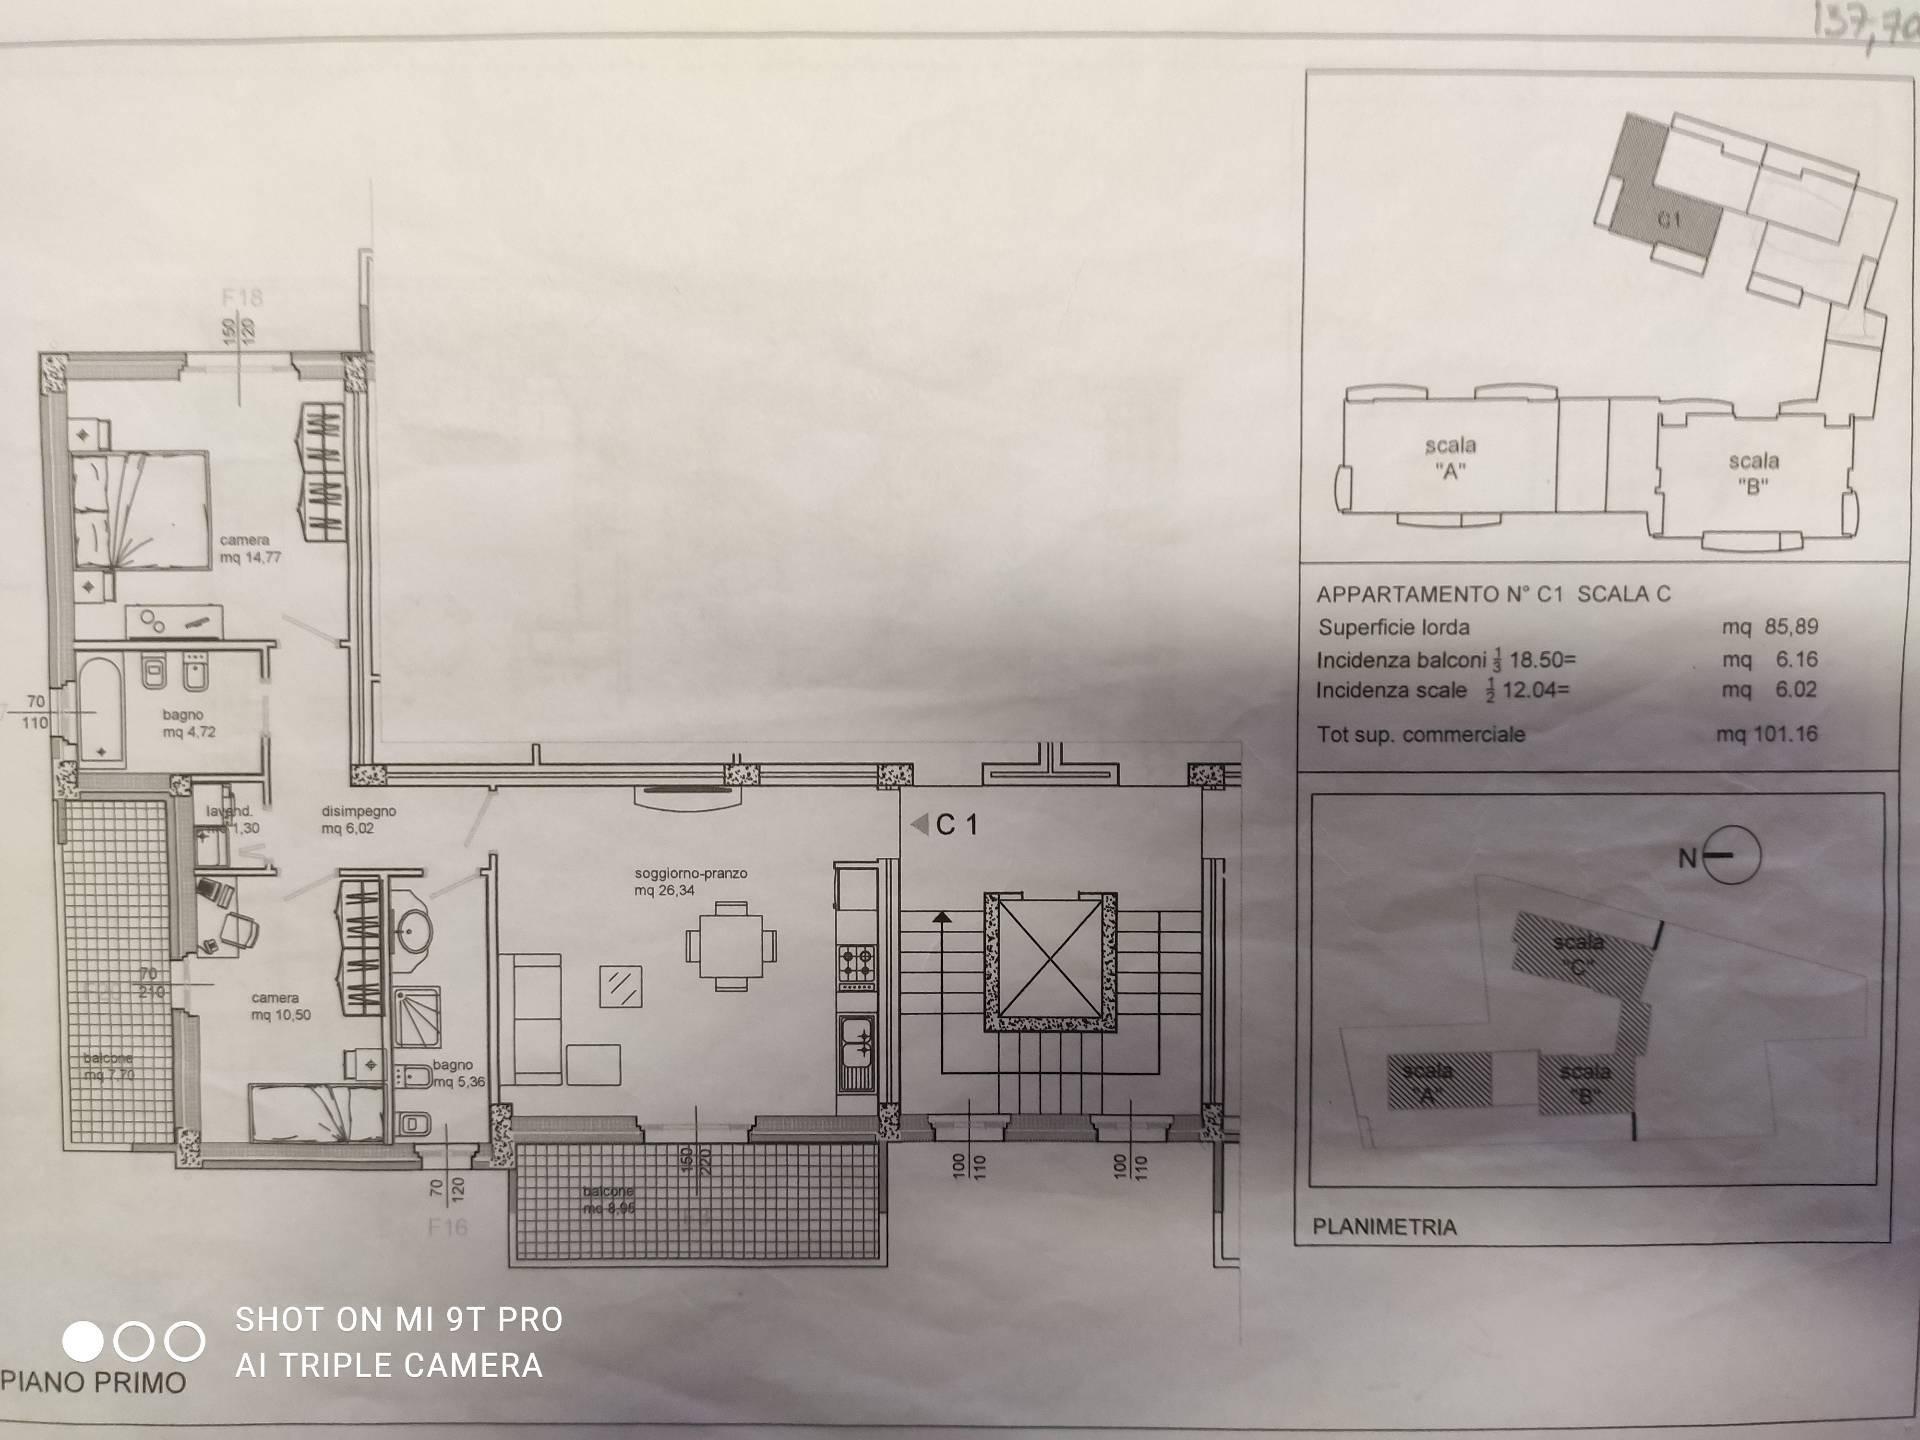 Appartamento in vendita a Spoltore, 3 locali, zona Località: CENTRO, prezzo € 137.700 | CambioCasa.it